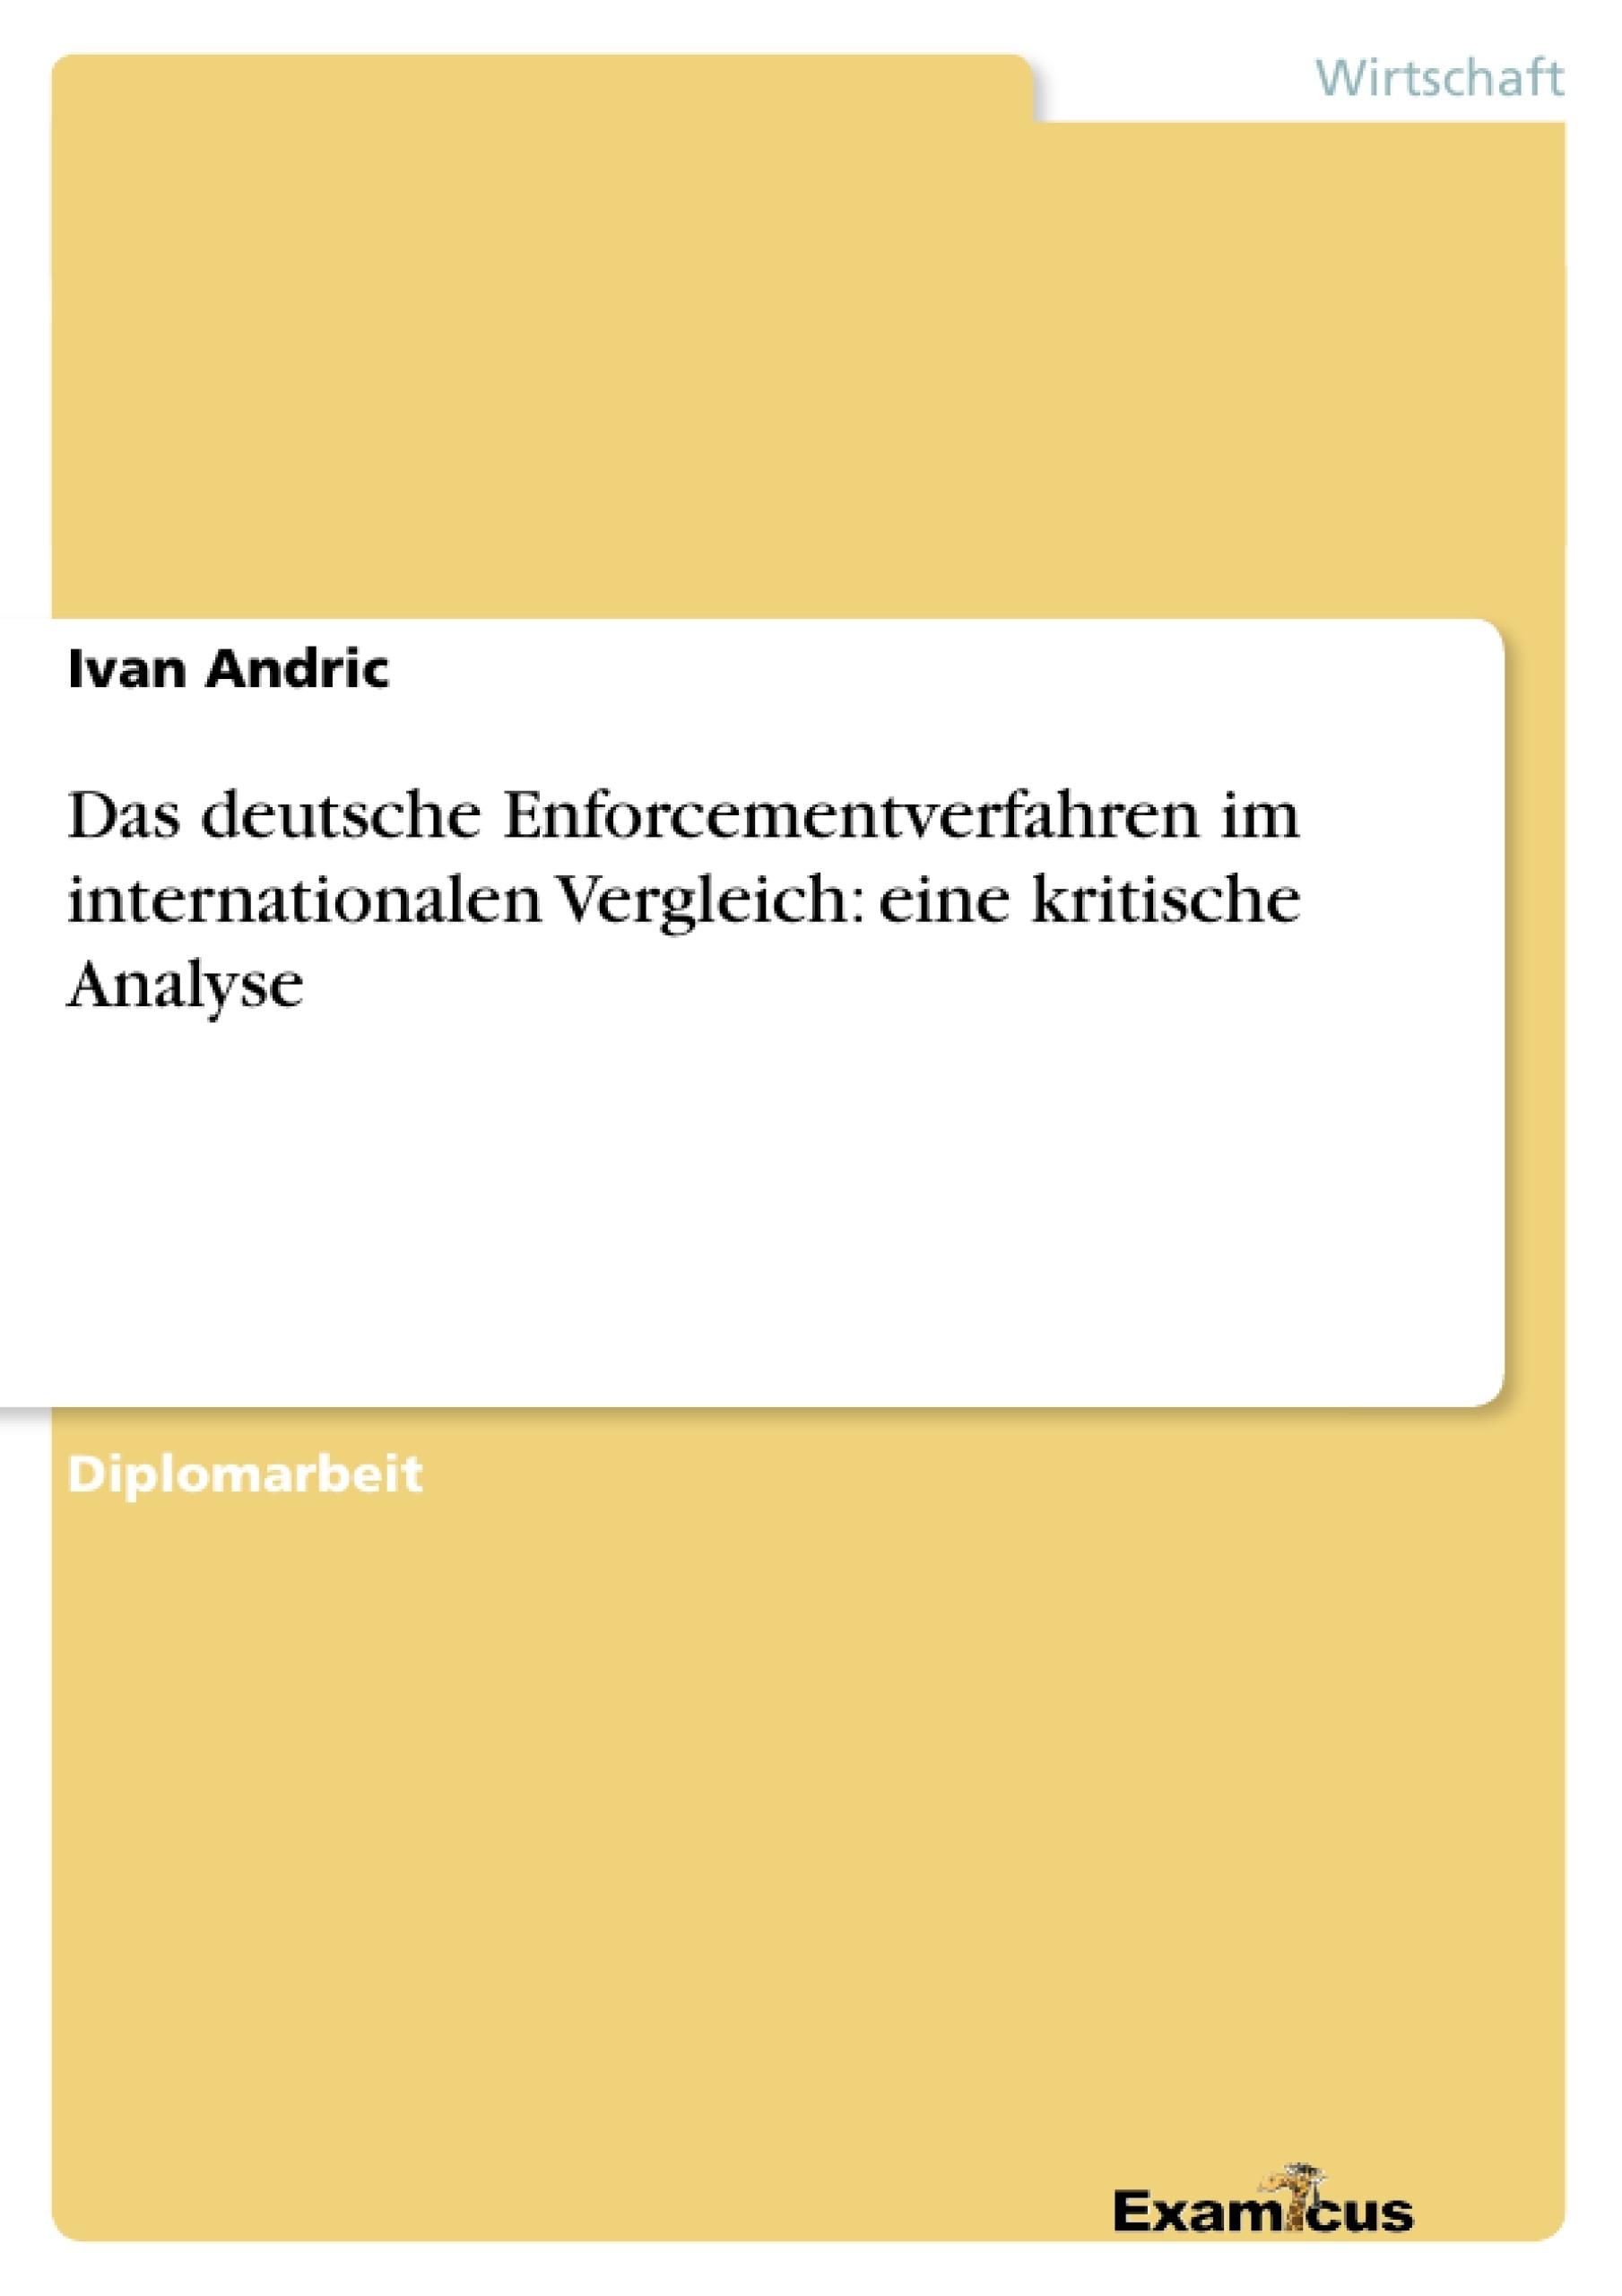 Titel: Das deutsche Enforcementverfahren im internationalen Vergleich: eine kritische Analyse